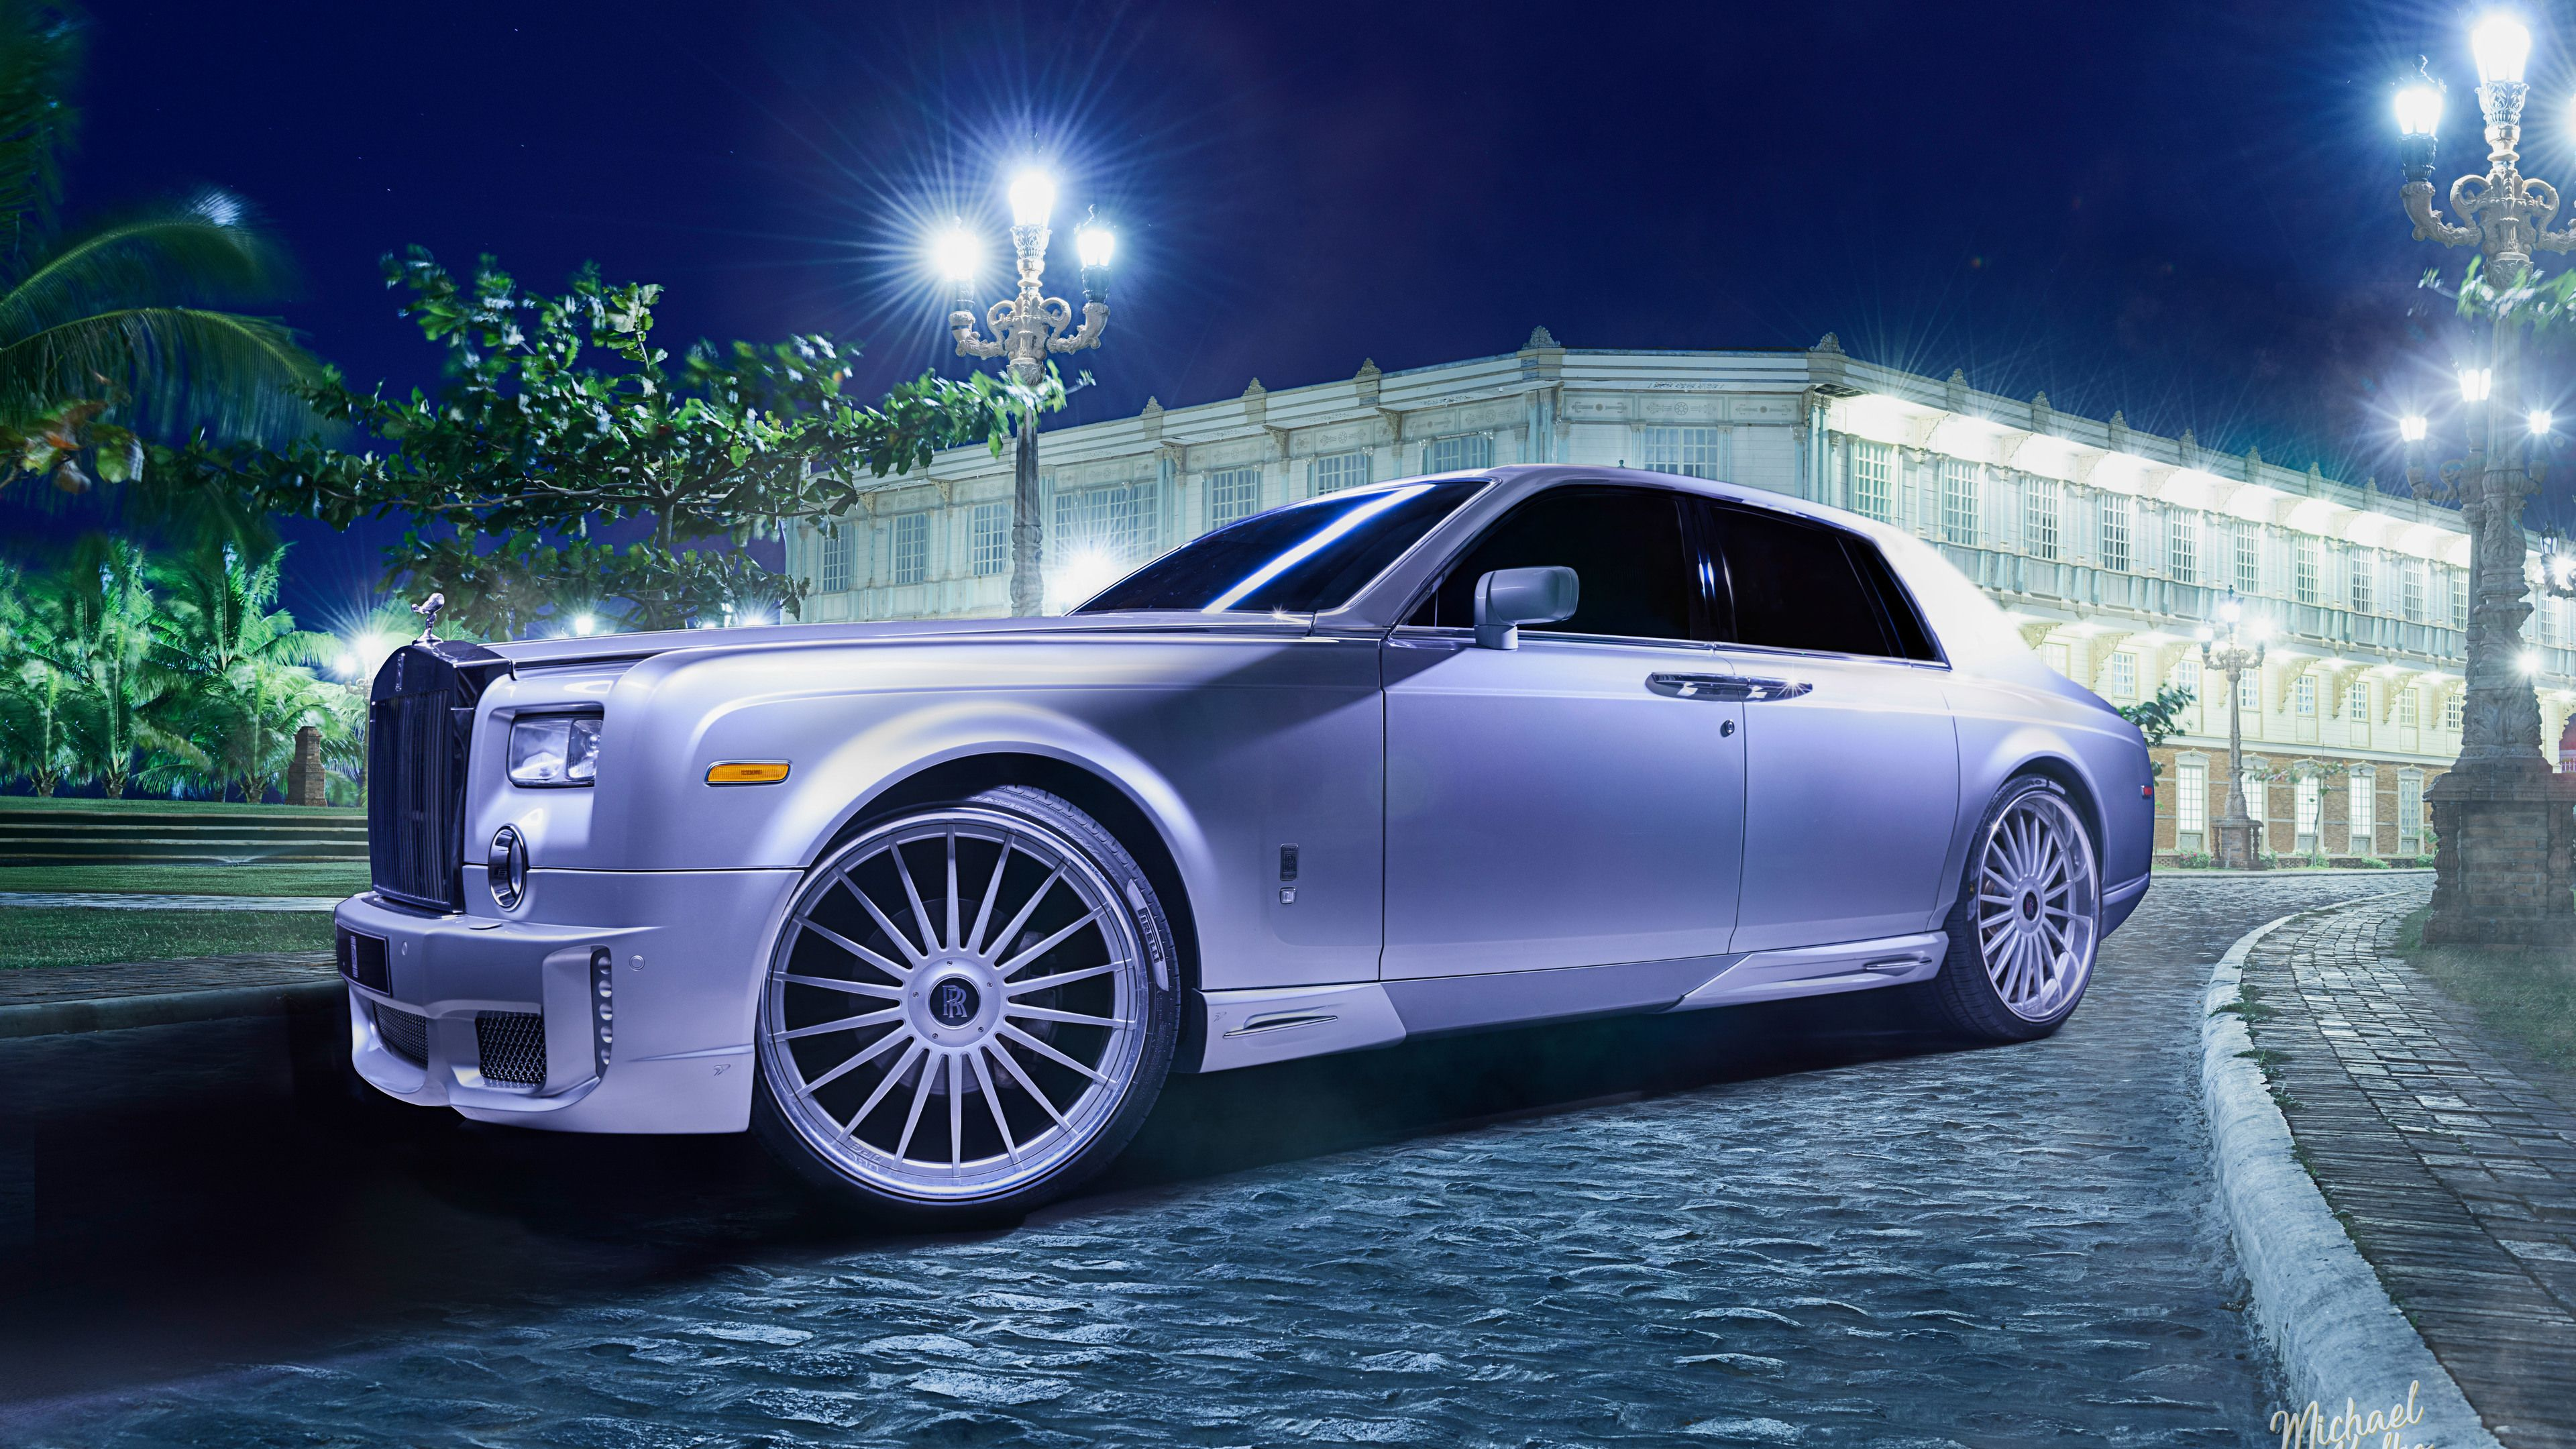 Rolls Royce Ghost 8k Wallpaper Rolls Royce Rolls Royce Wallpaper Car Wallpapers